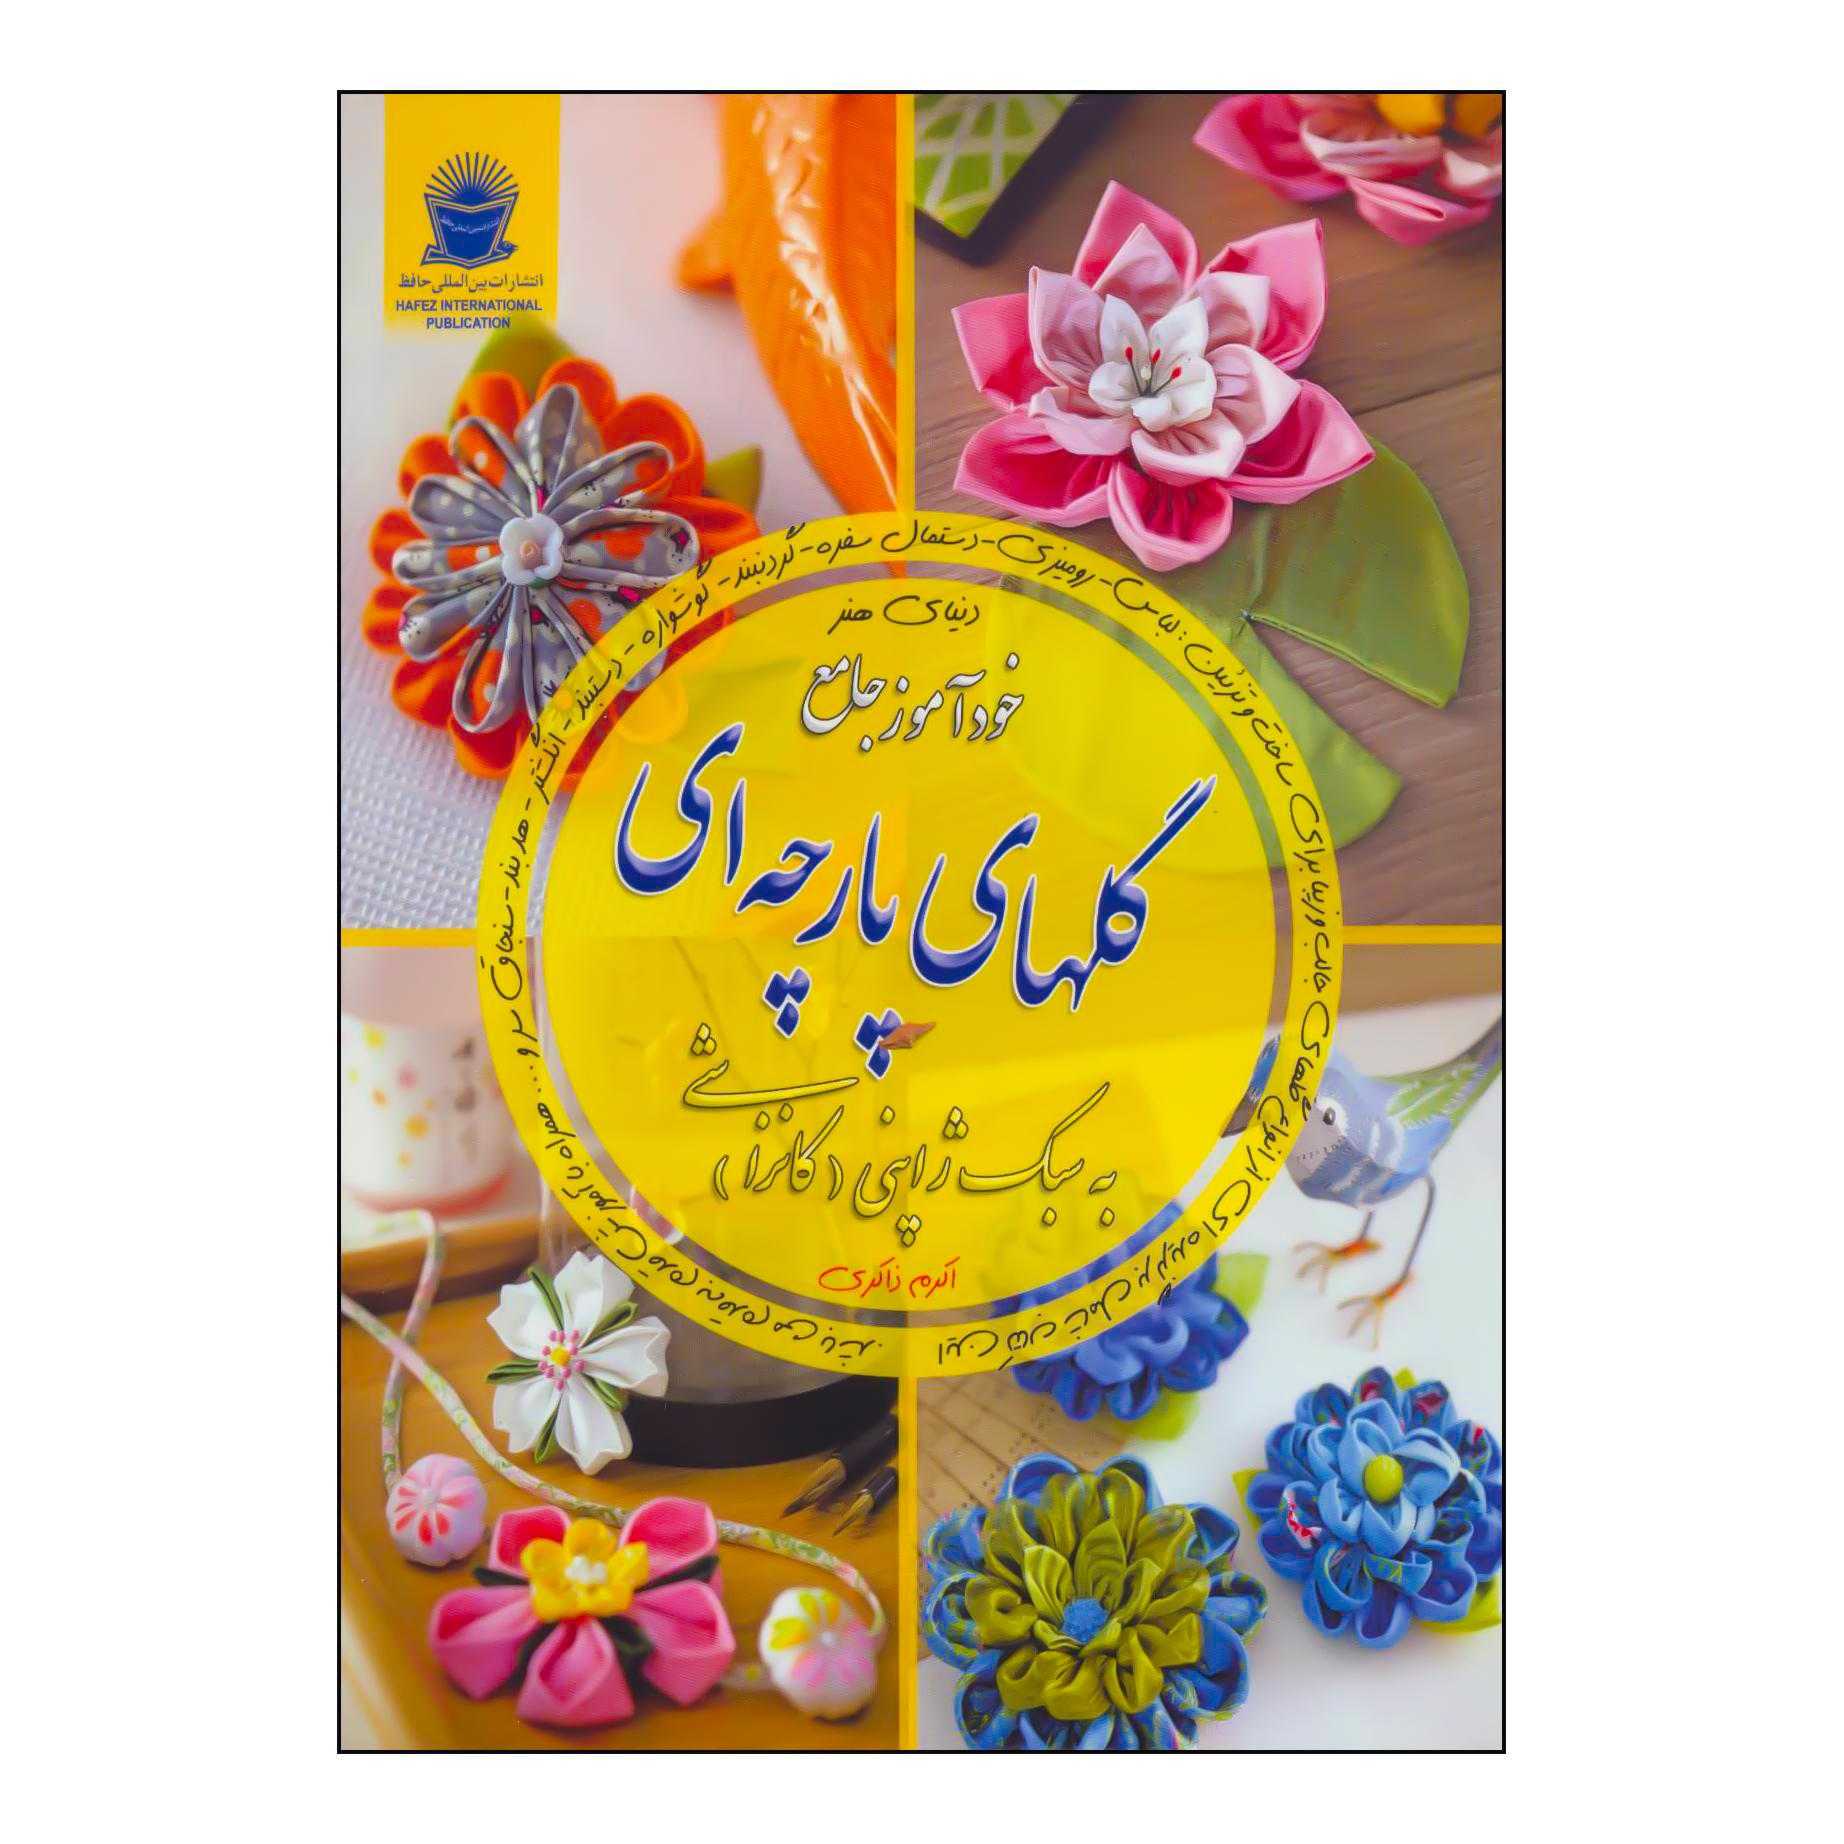 کتاب گلهای پارچه ای اثر سیلوی بلوندو نشر بین الملل حافظ